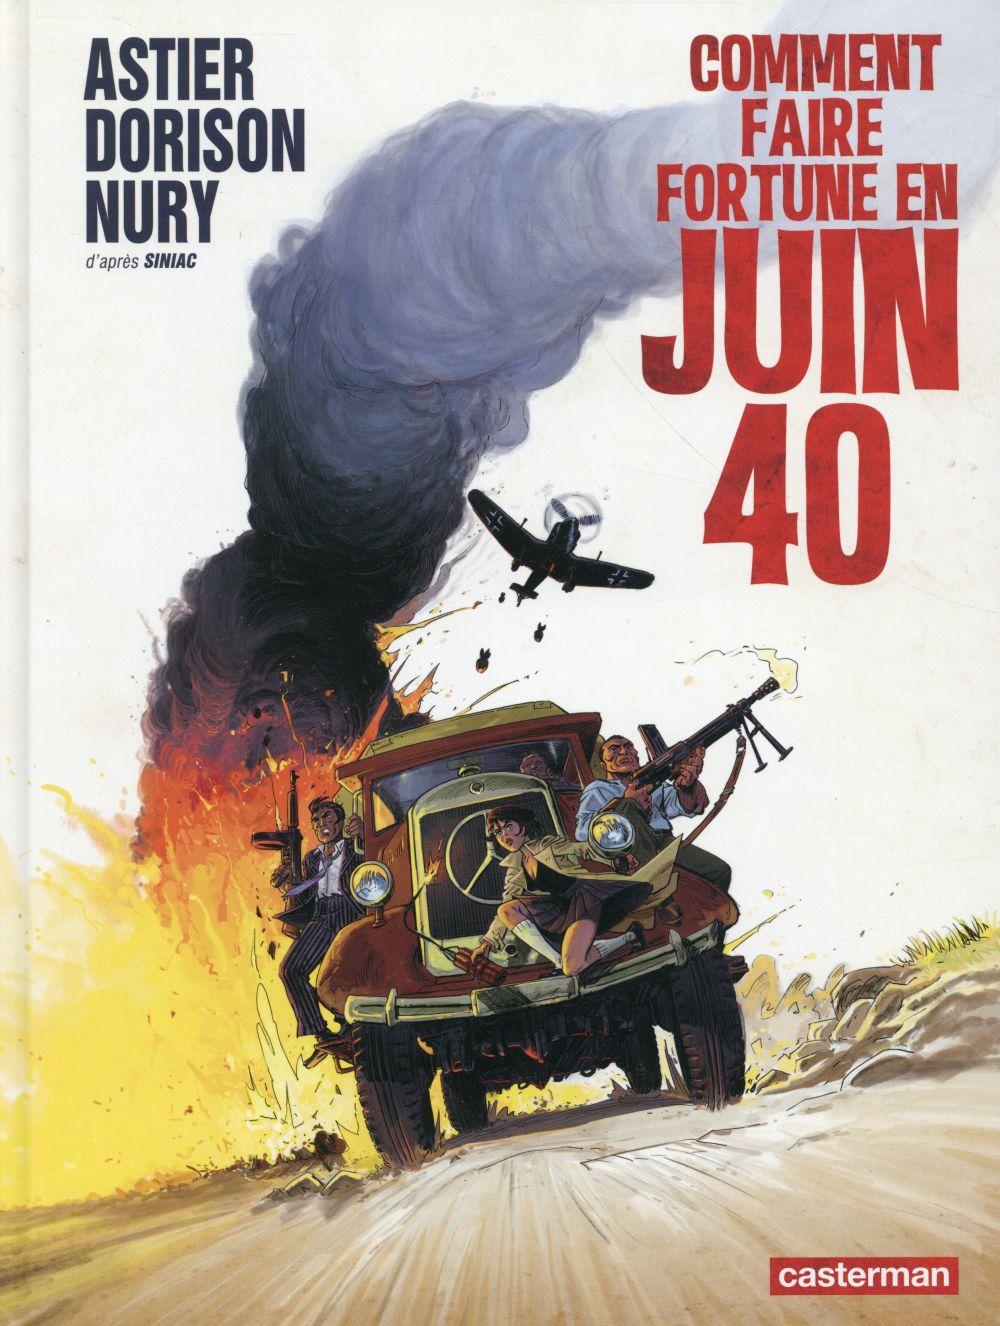 COMMENT FAIRE FORTUNE EN JUIN 40 - LIBREMENT ADAPTE DE SOUS L-AILE NOIRE DES RAPACES DE PIERRE SINIA ASTIER/NURY/DORISON